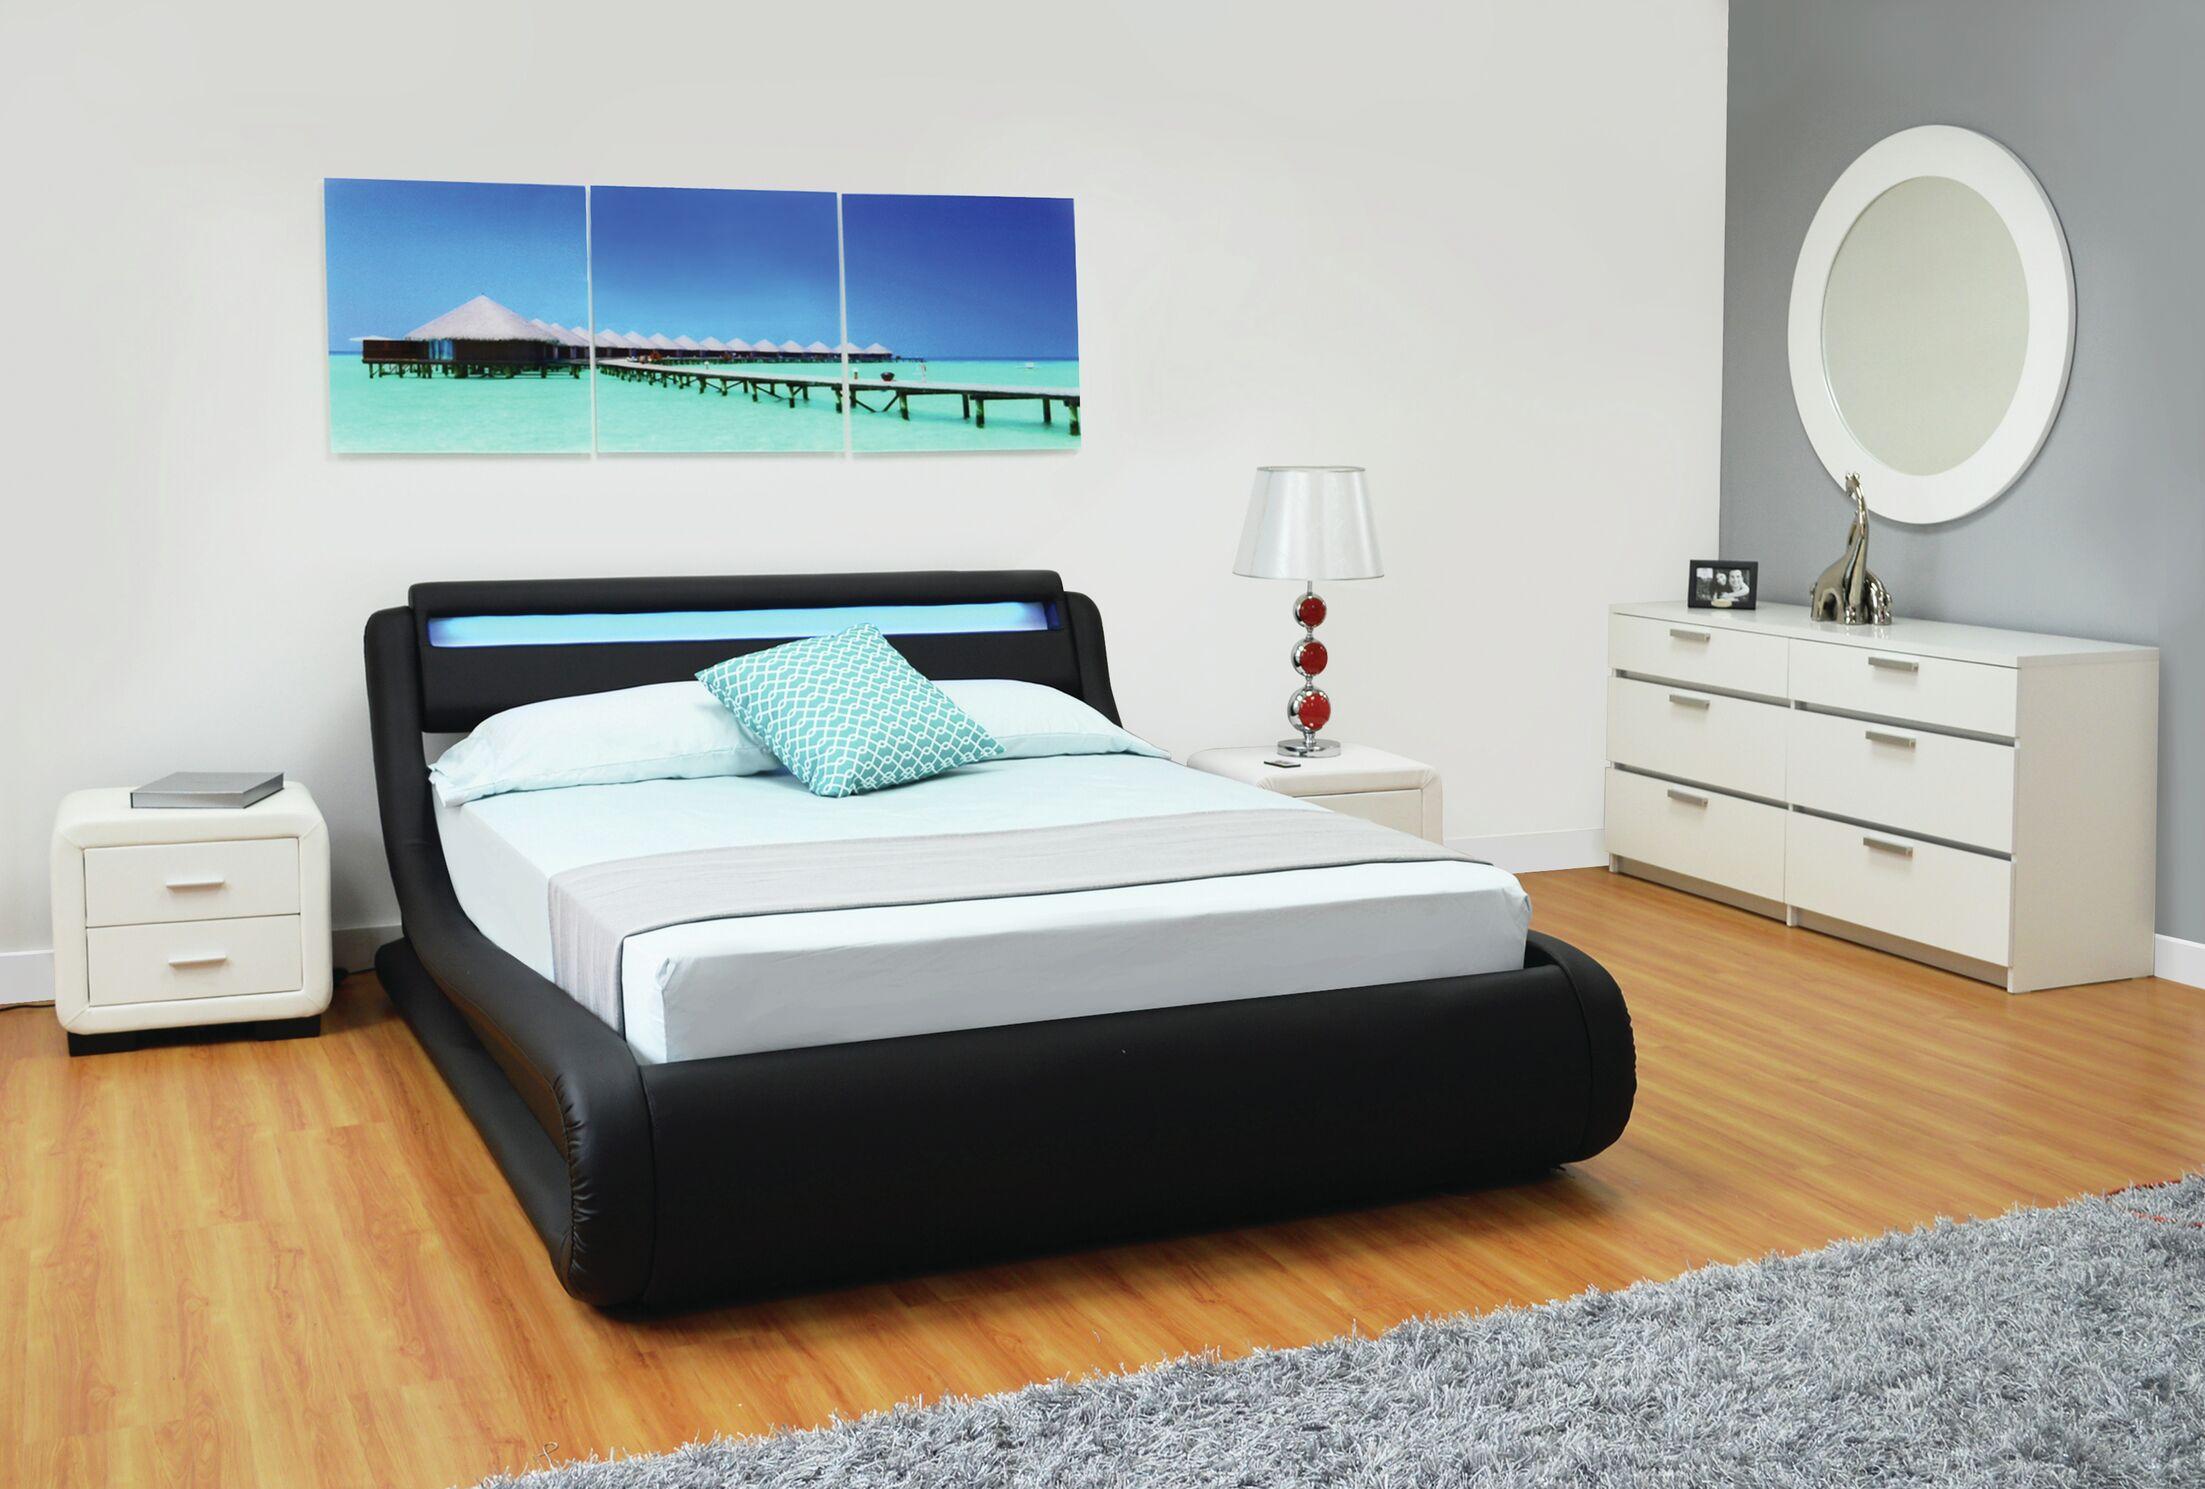 Haskett Serpentine Storage Platform Bed Color: Black, Size: Queen